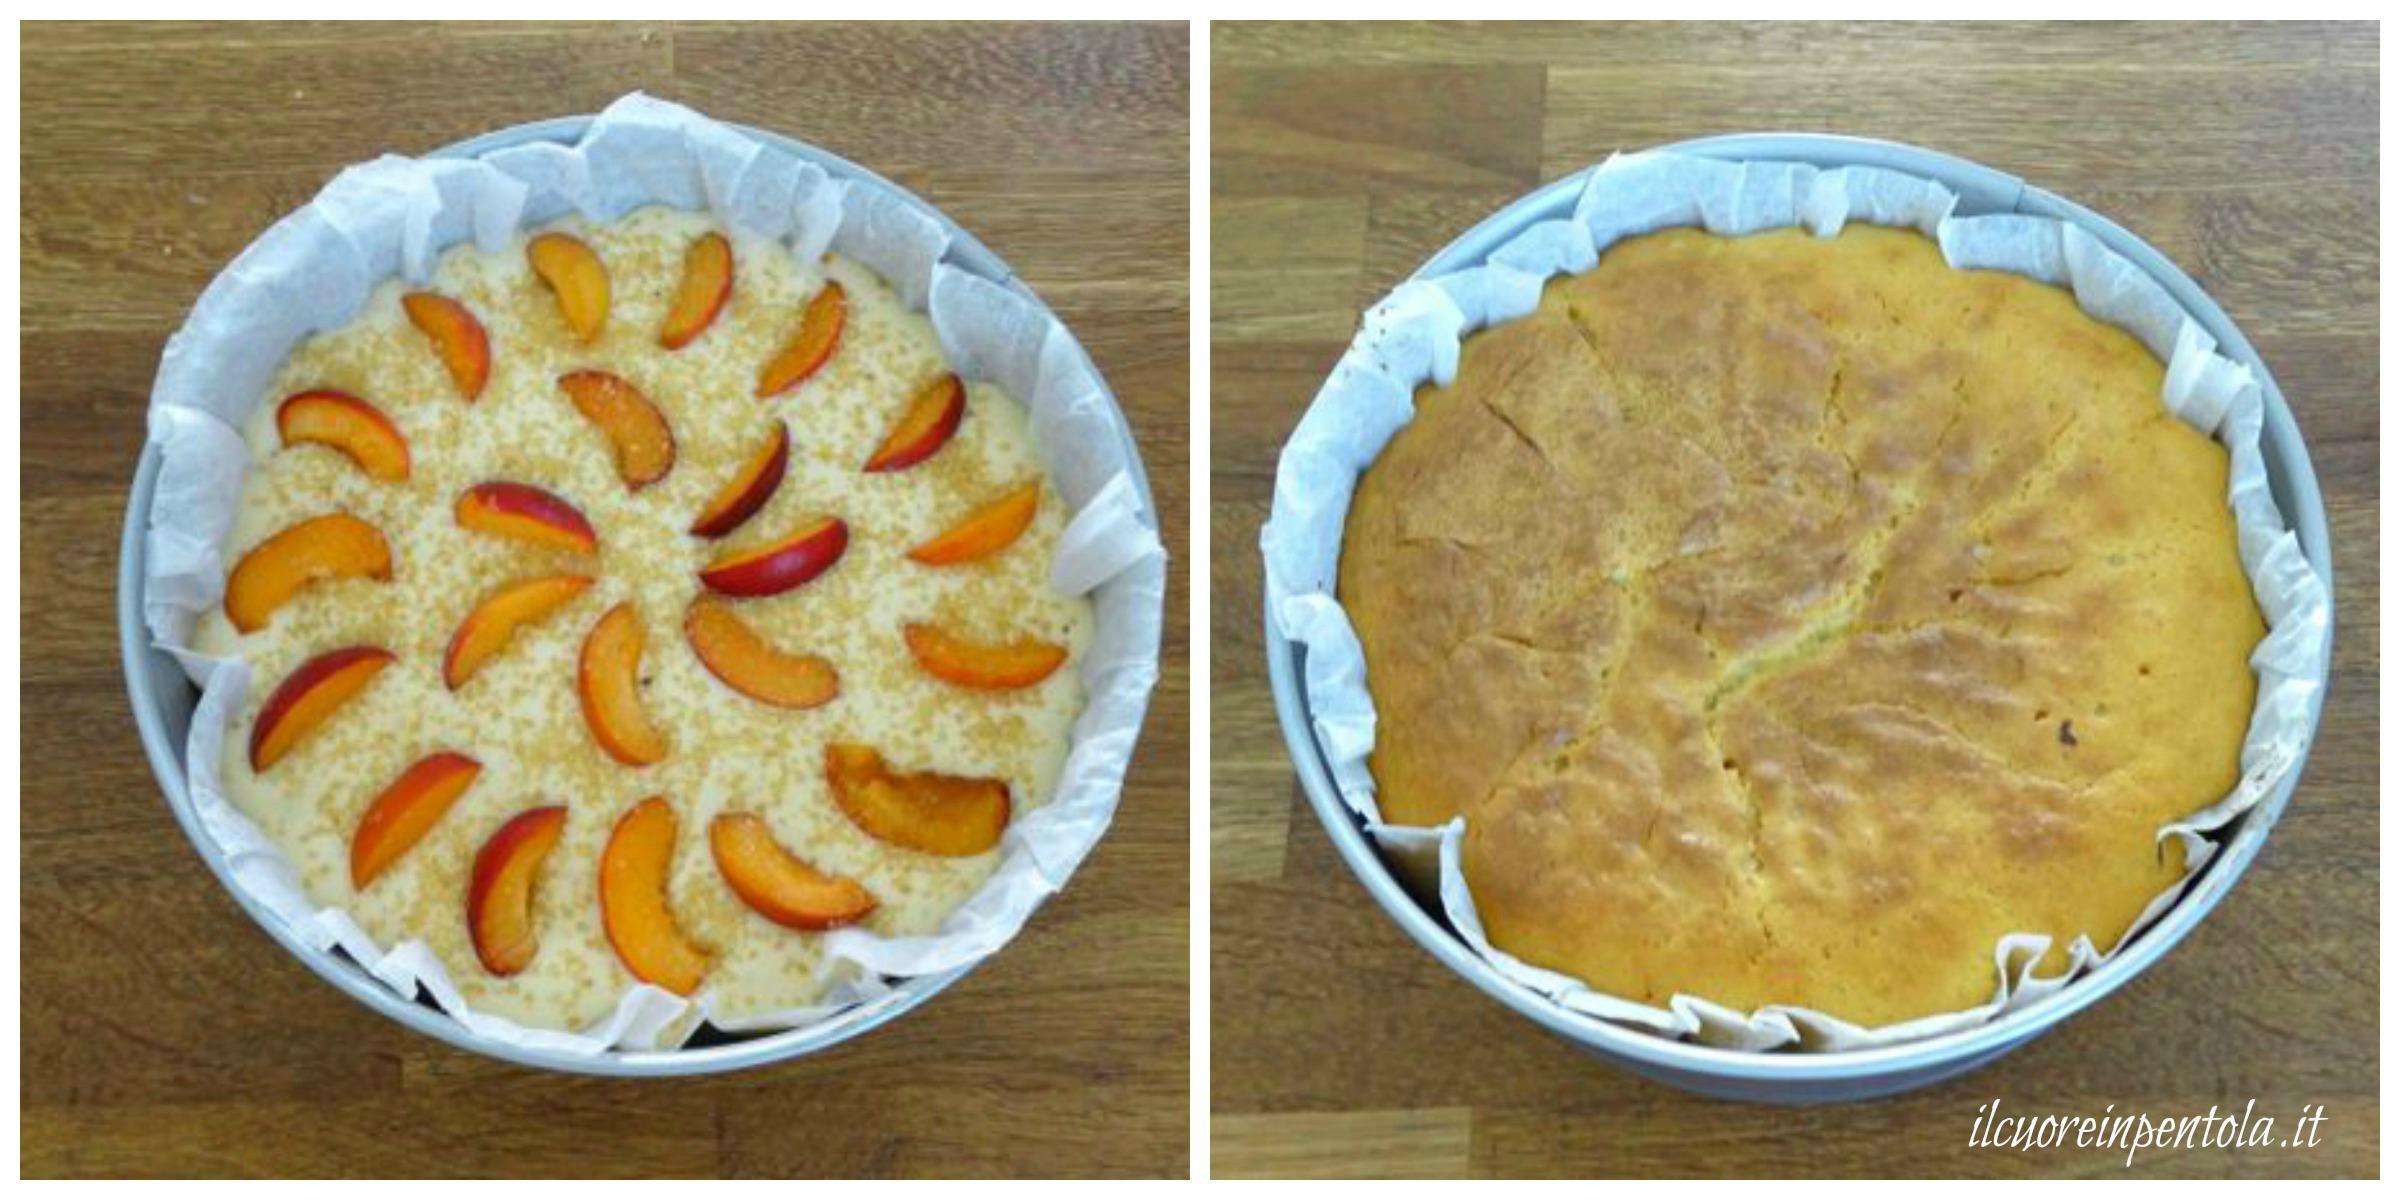 cuocere torta